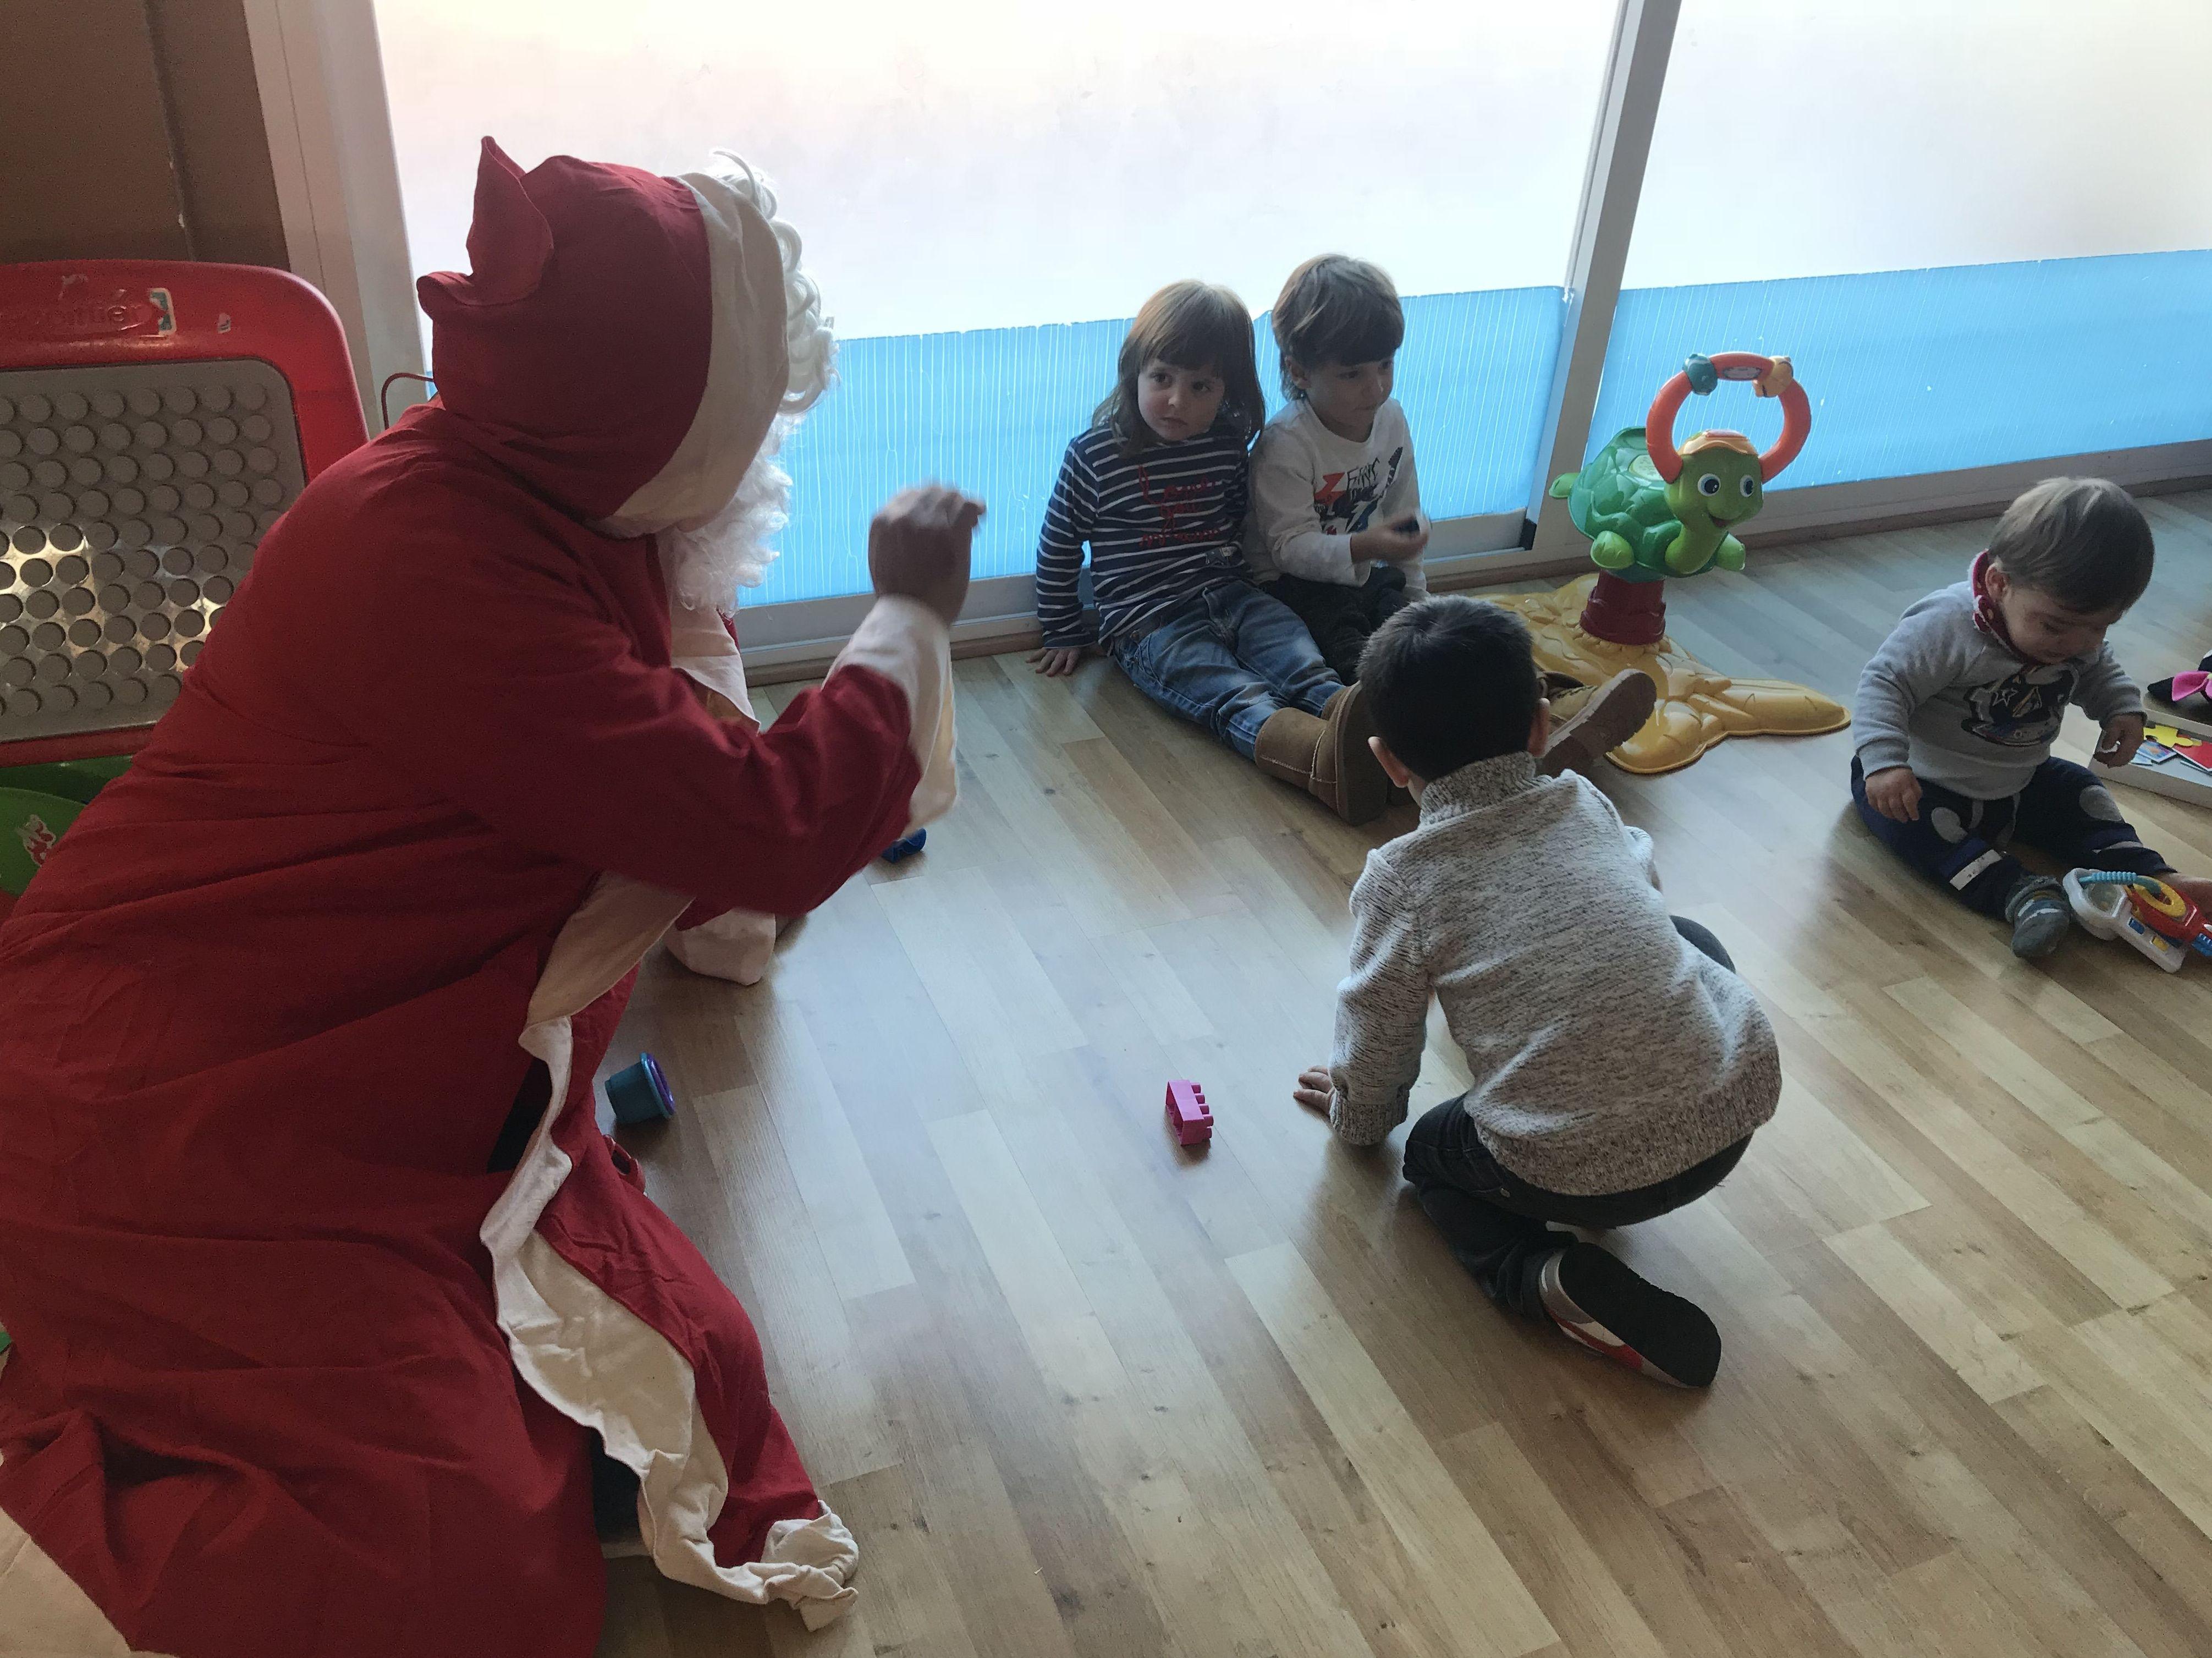 Foto 26 de Escuela infantil para niños de 0 a 3 años en Llucmajor | Escoleta Colibrís